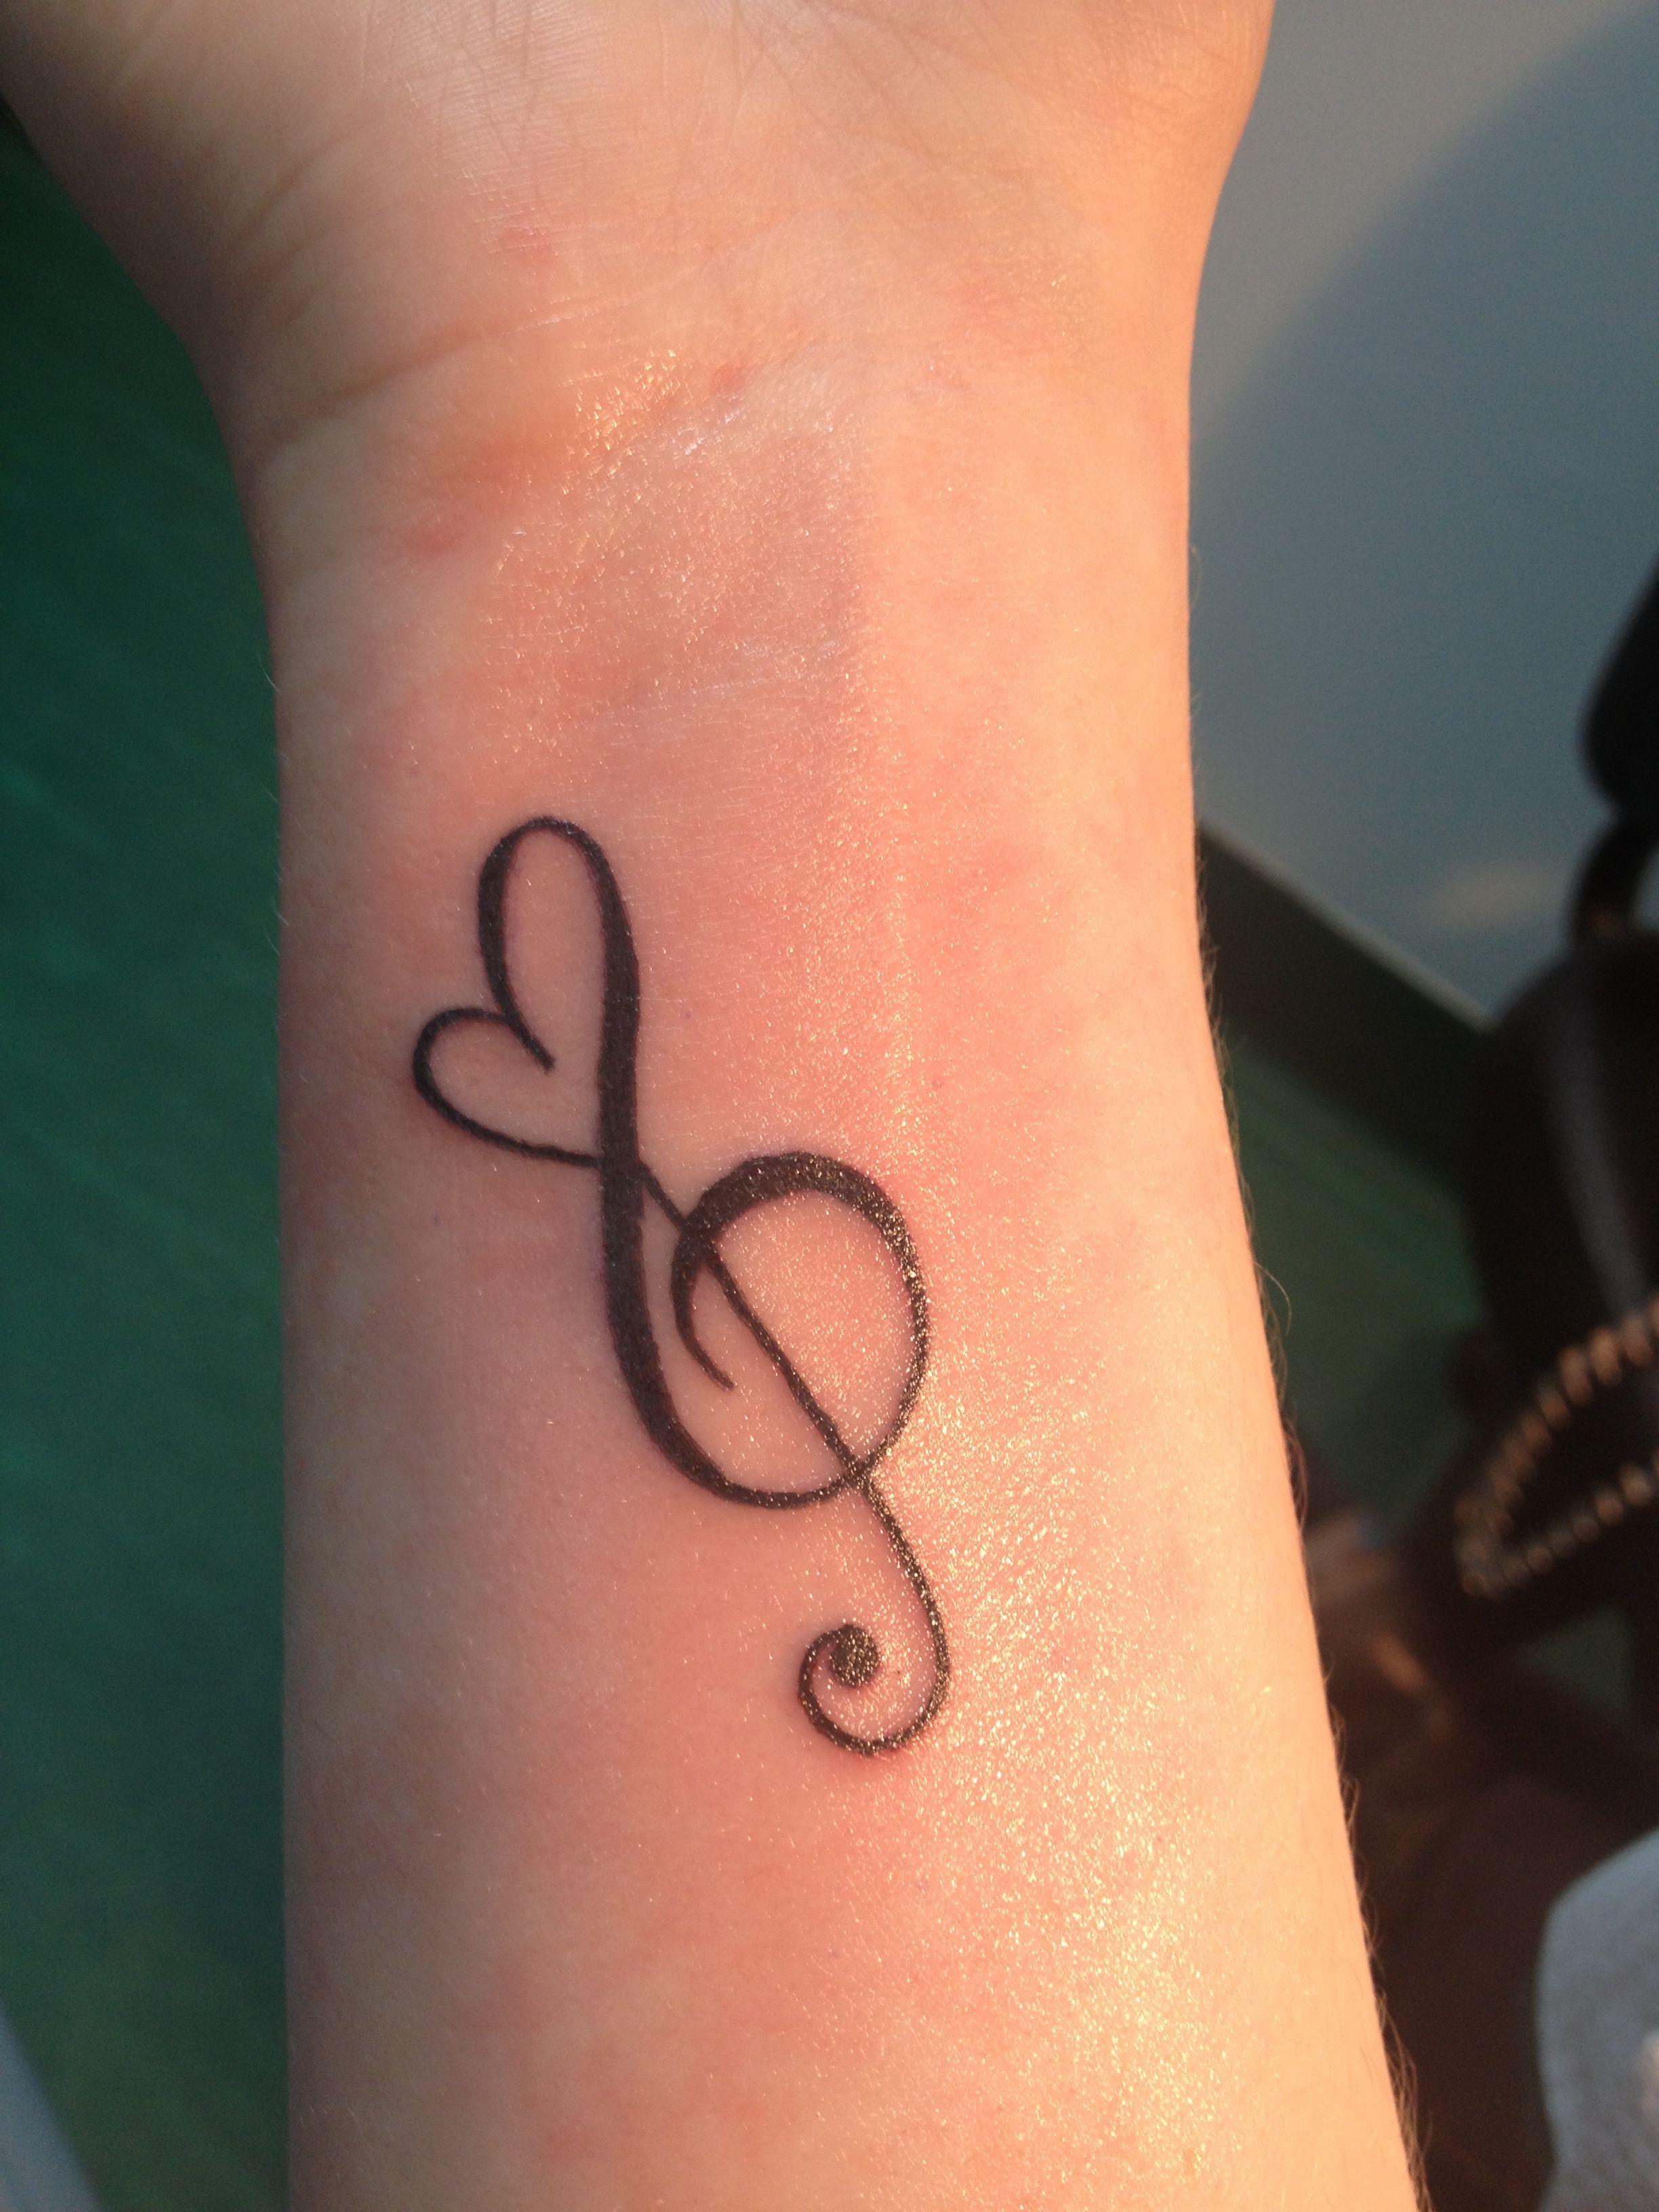 My Music Tattoo Love It Tattoo Designs Wrist Music Tattoo Designs Tattoos